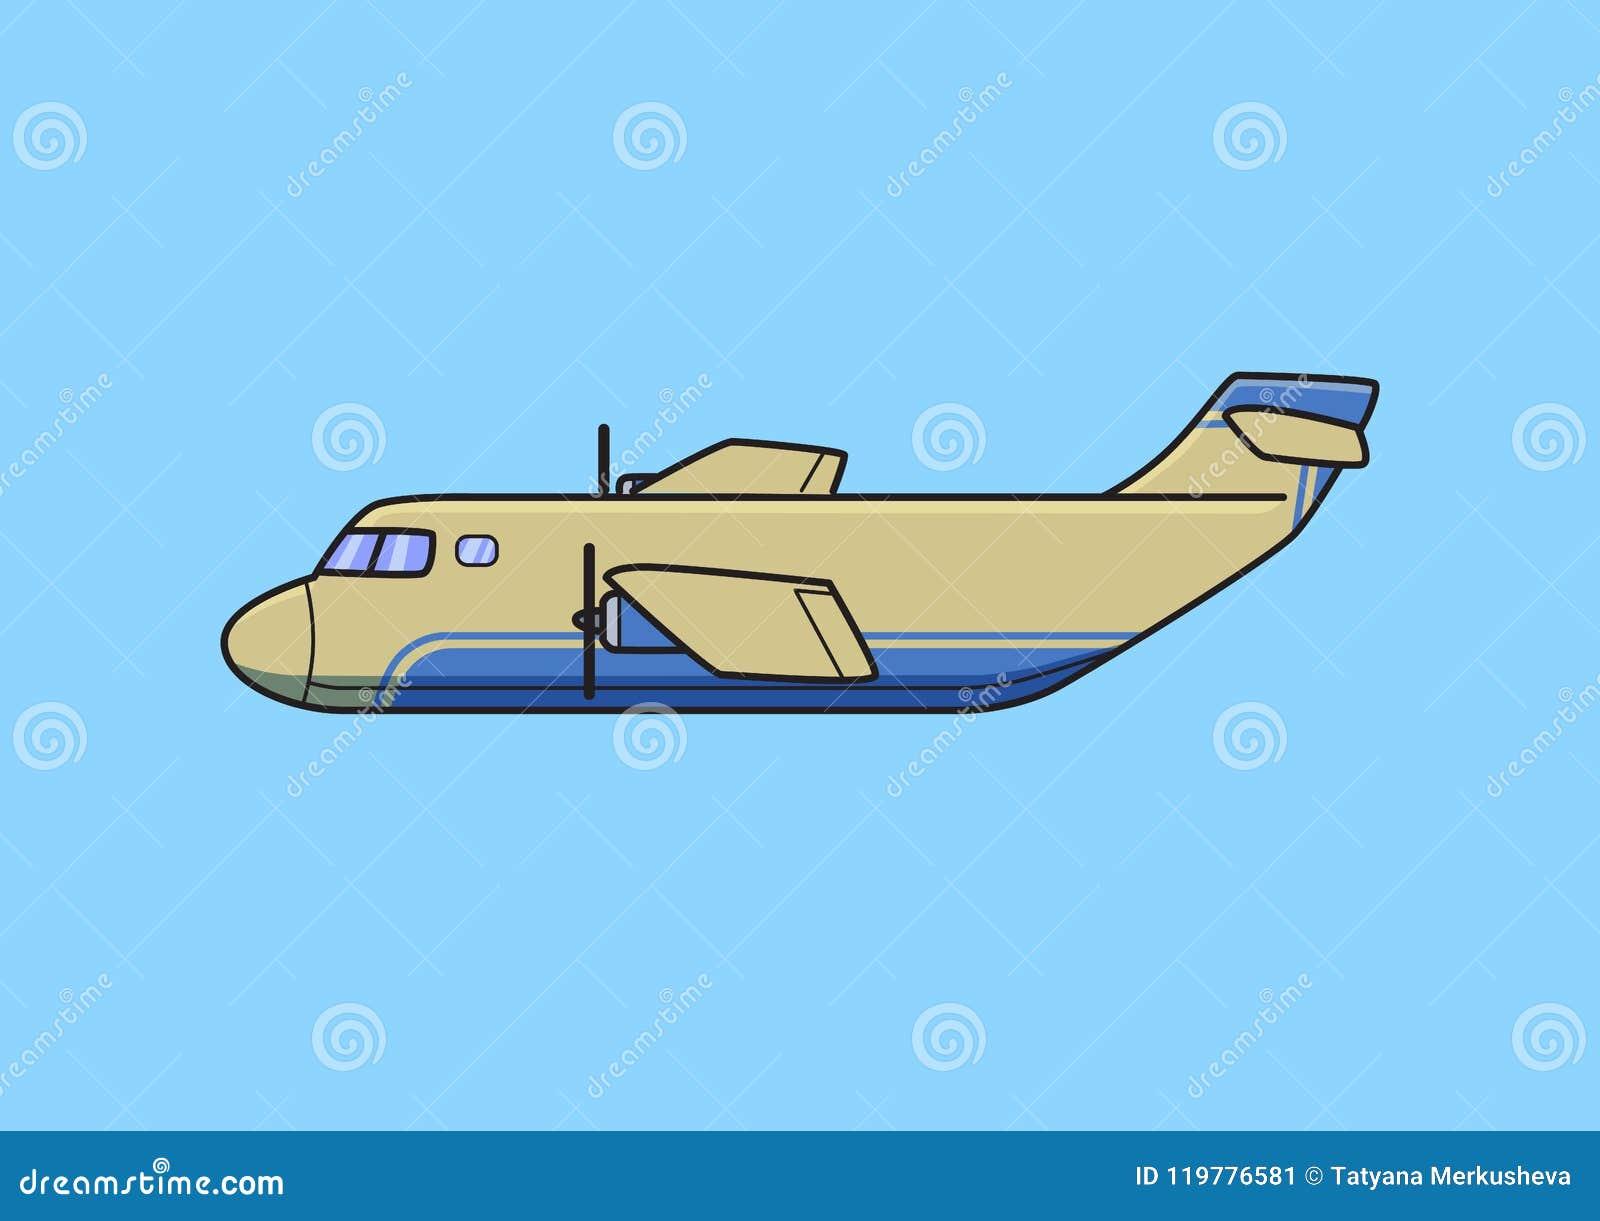 Αεροσκάφη μεταφορών, αεροπλάνο φορτίου Επίπεδη διανυσματική απεικόνιση Απομονωμένος στην μπλε ανασκόπηση